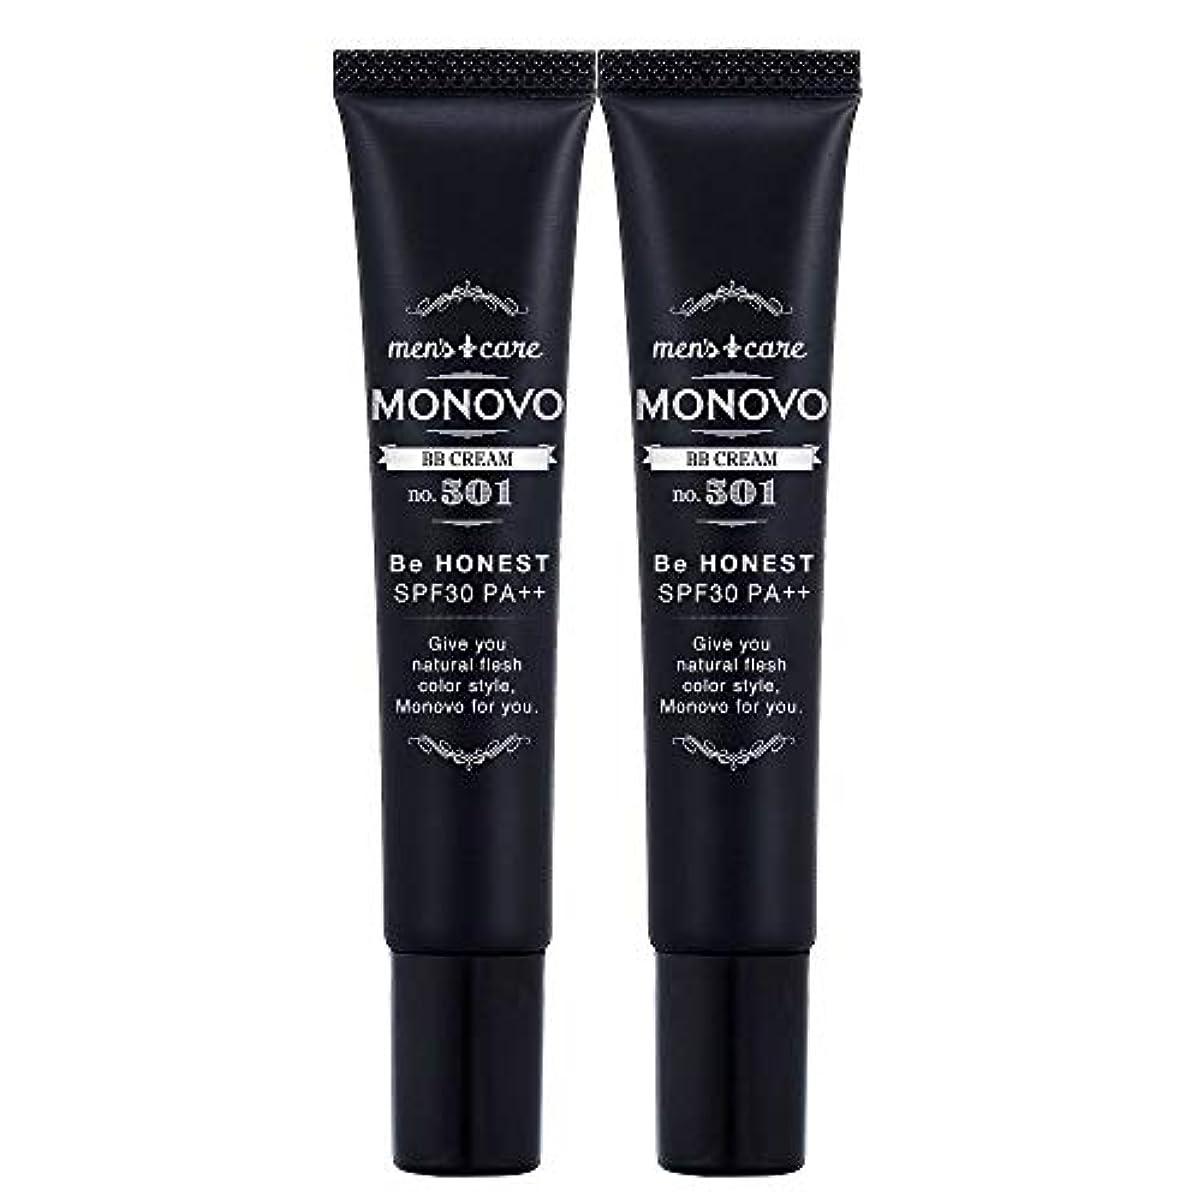 褐色超越する曲げるMONOVO BBクリーム メンズ コンシーラー ファンデーション効果で青髭/テカリ/肌荒れ隠し[ SPF30/PA++] 2本 40g